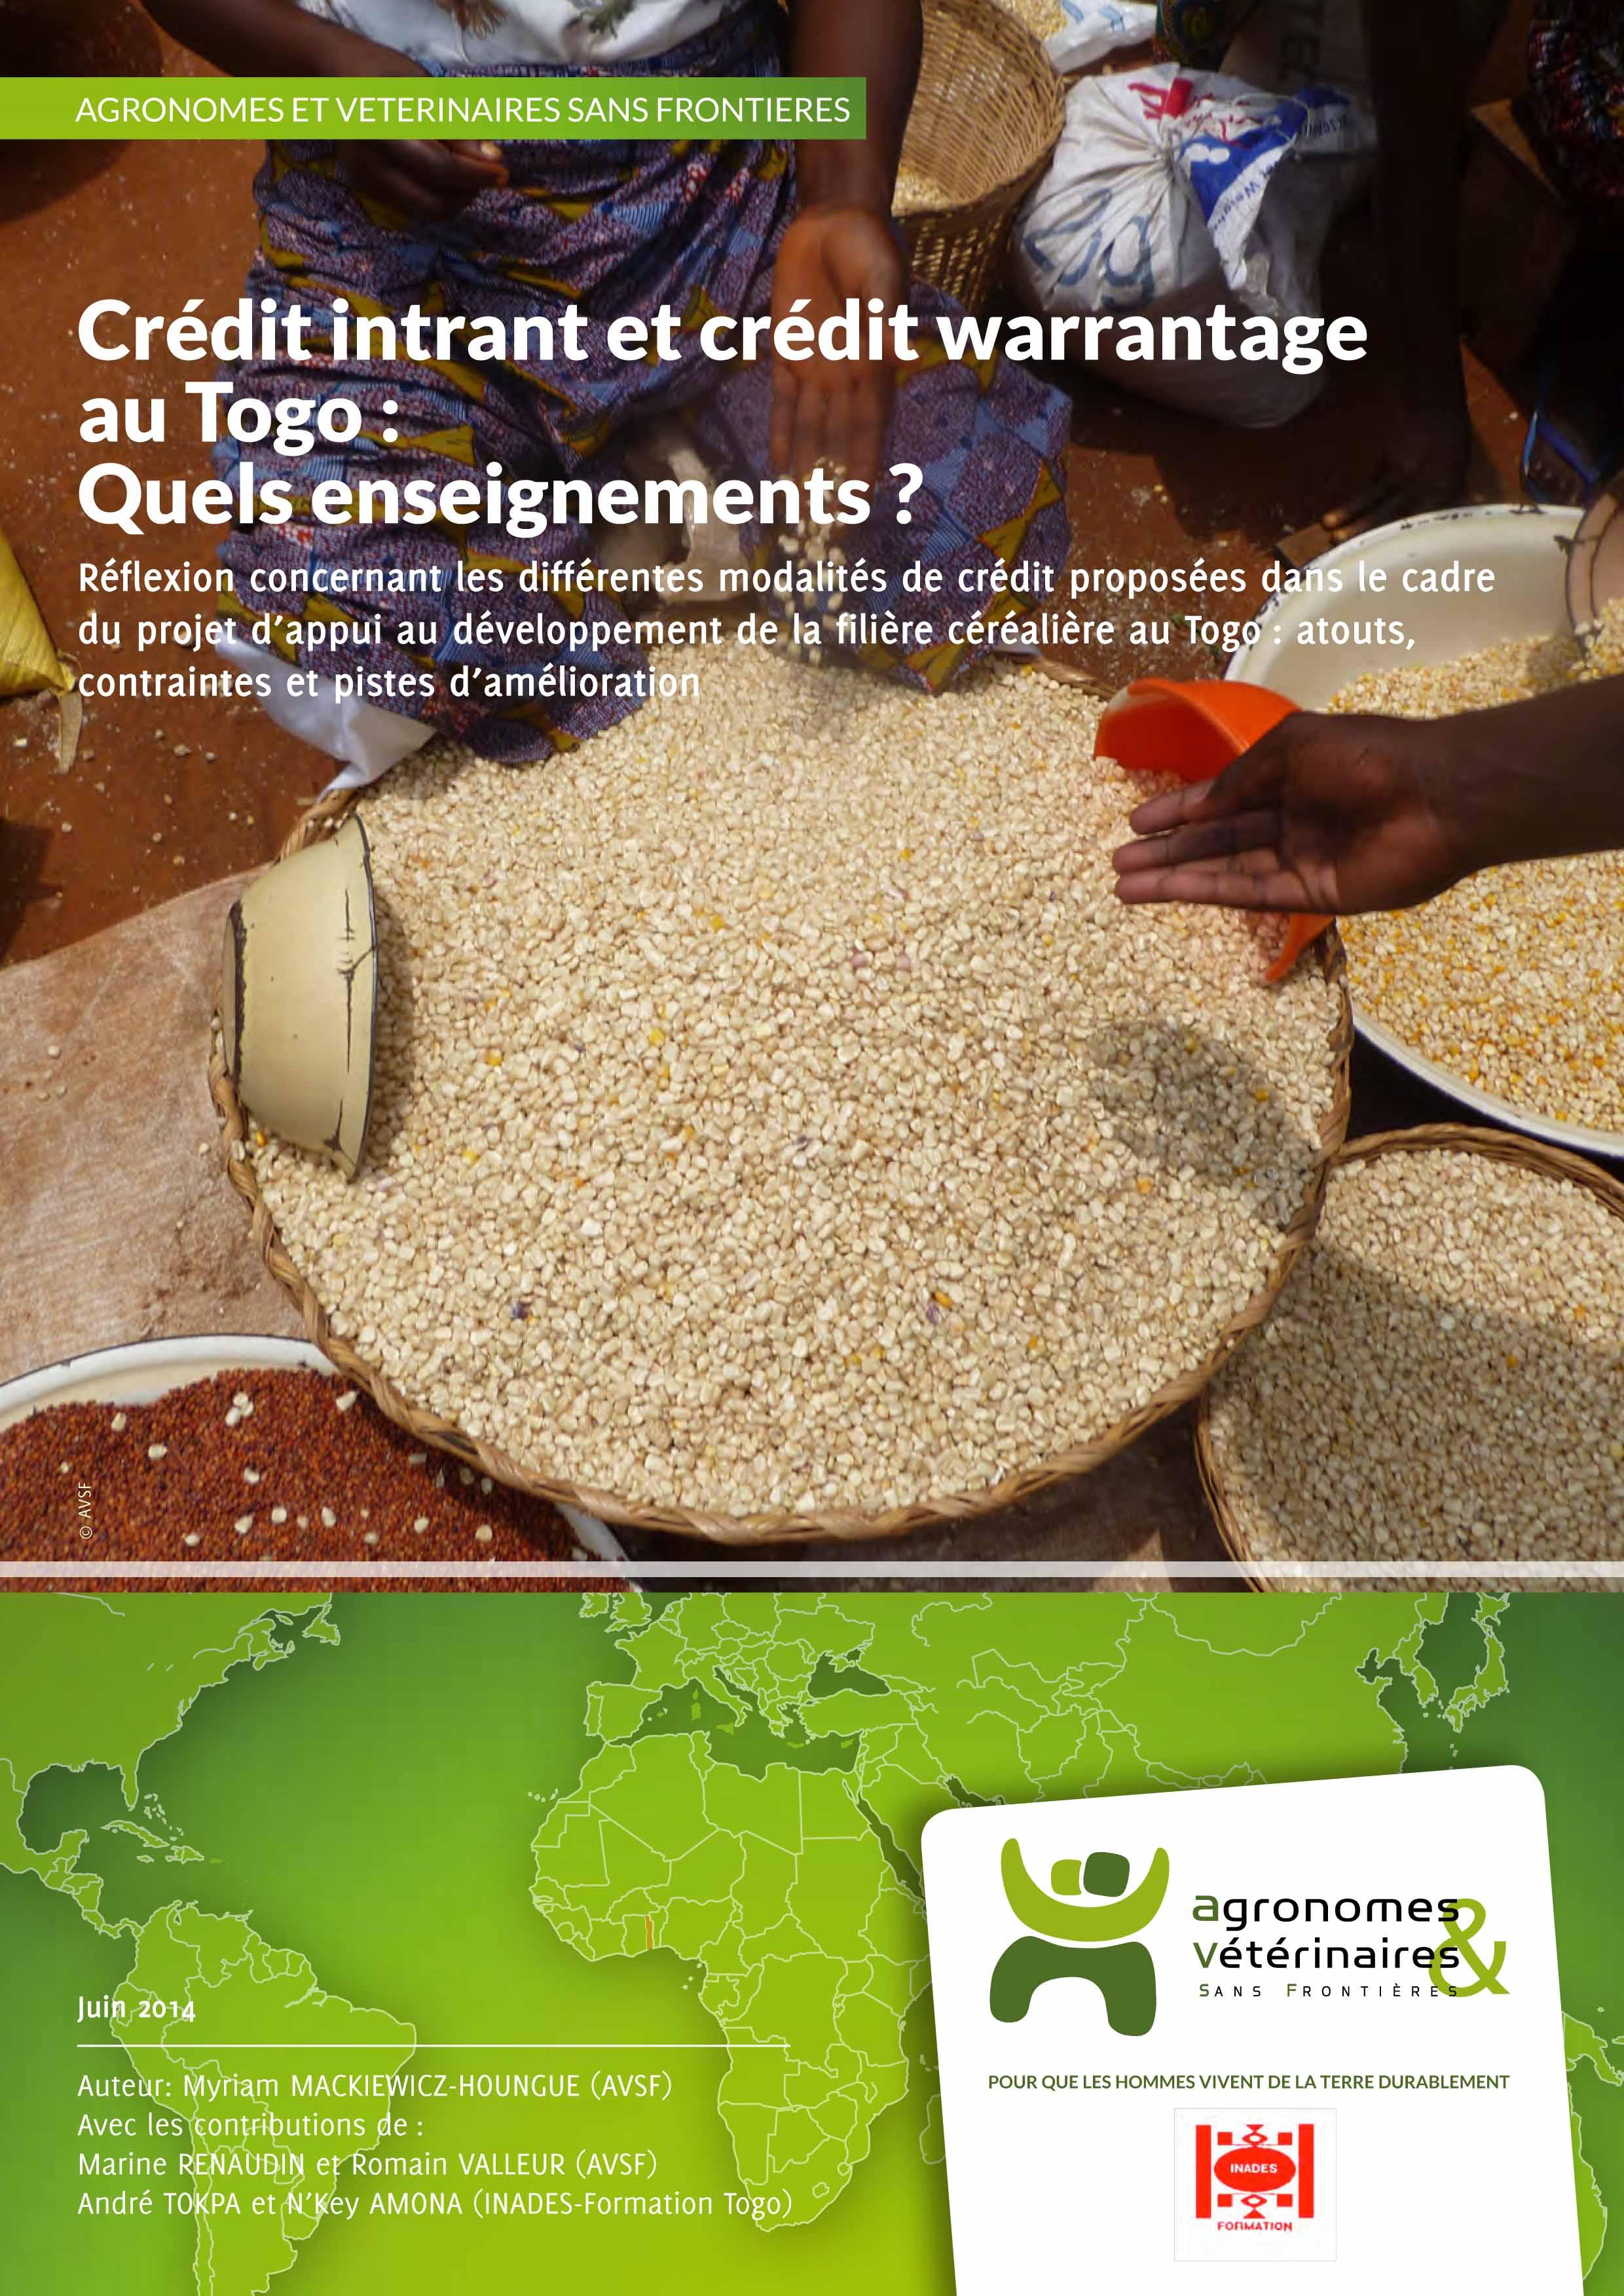 Crédit intrant et crédit warrantage au Togo : quels enseignements ? Image principale